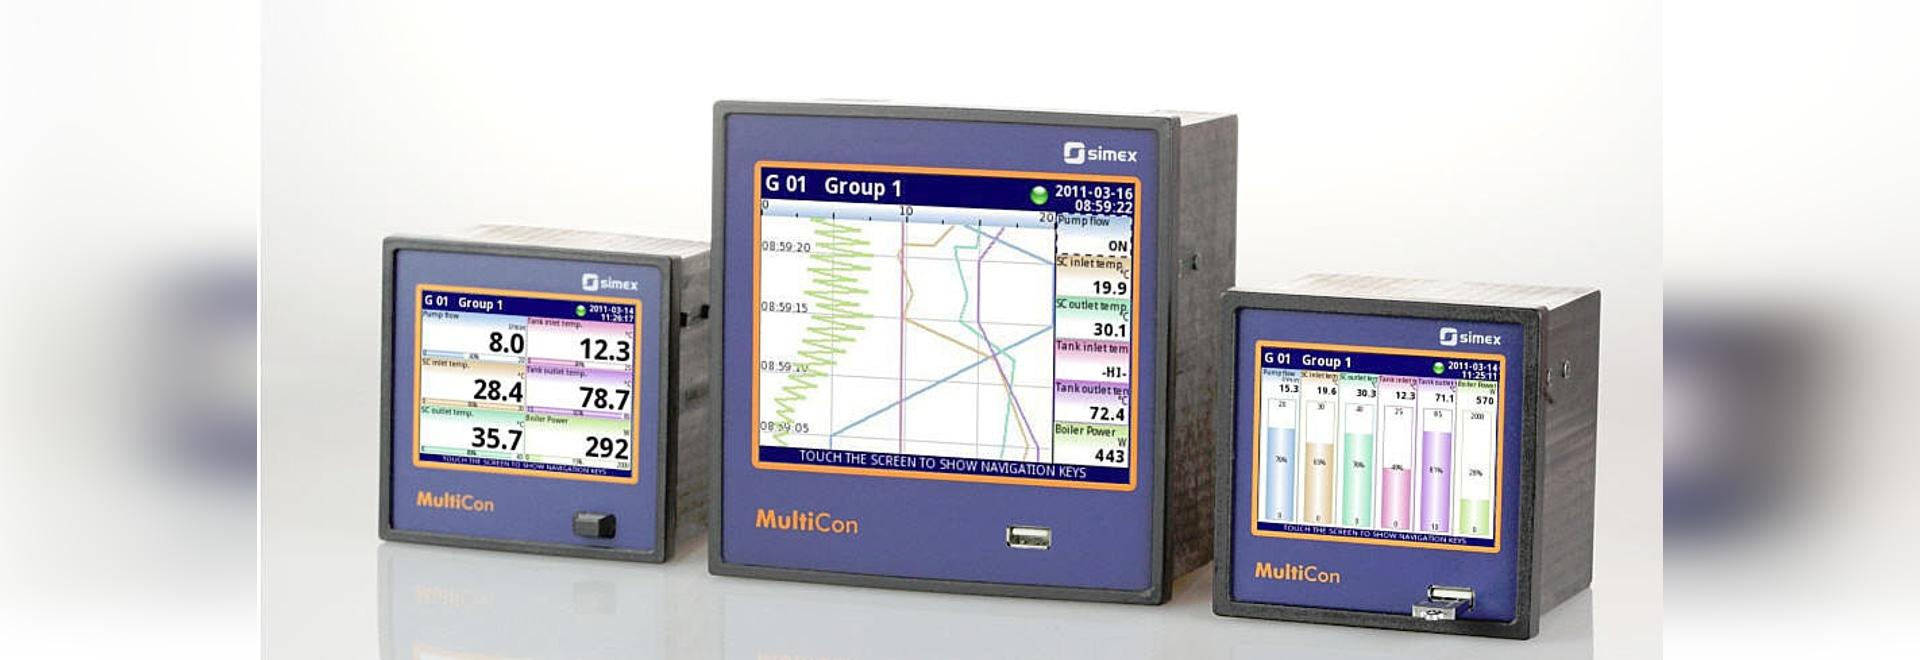 MultiCon = Meßinstrument + Kontrolleur + Recorder + HMI in einem Paket